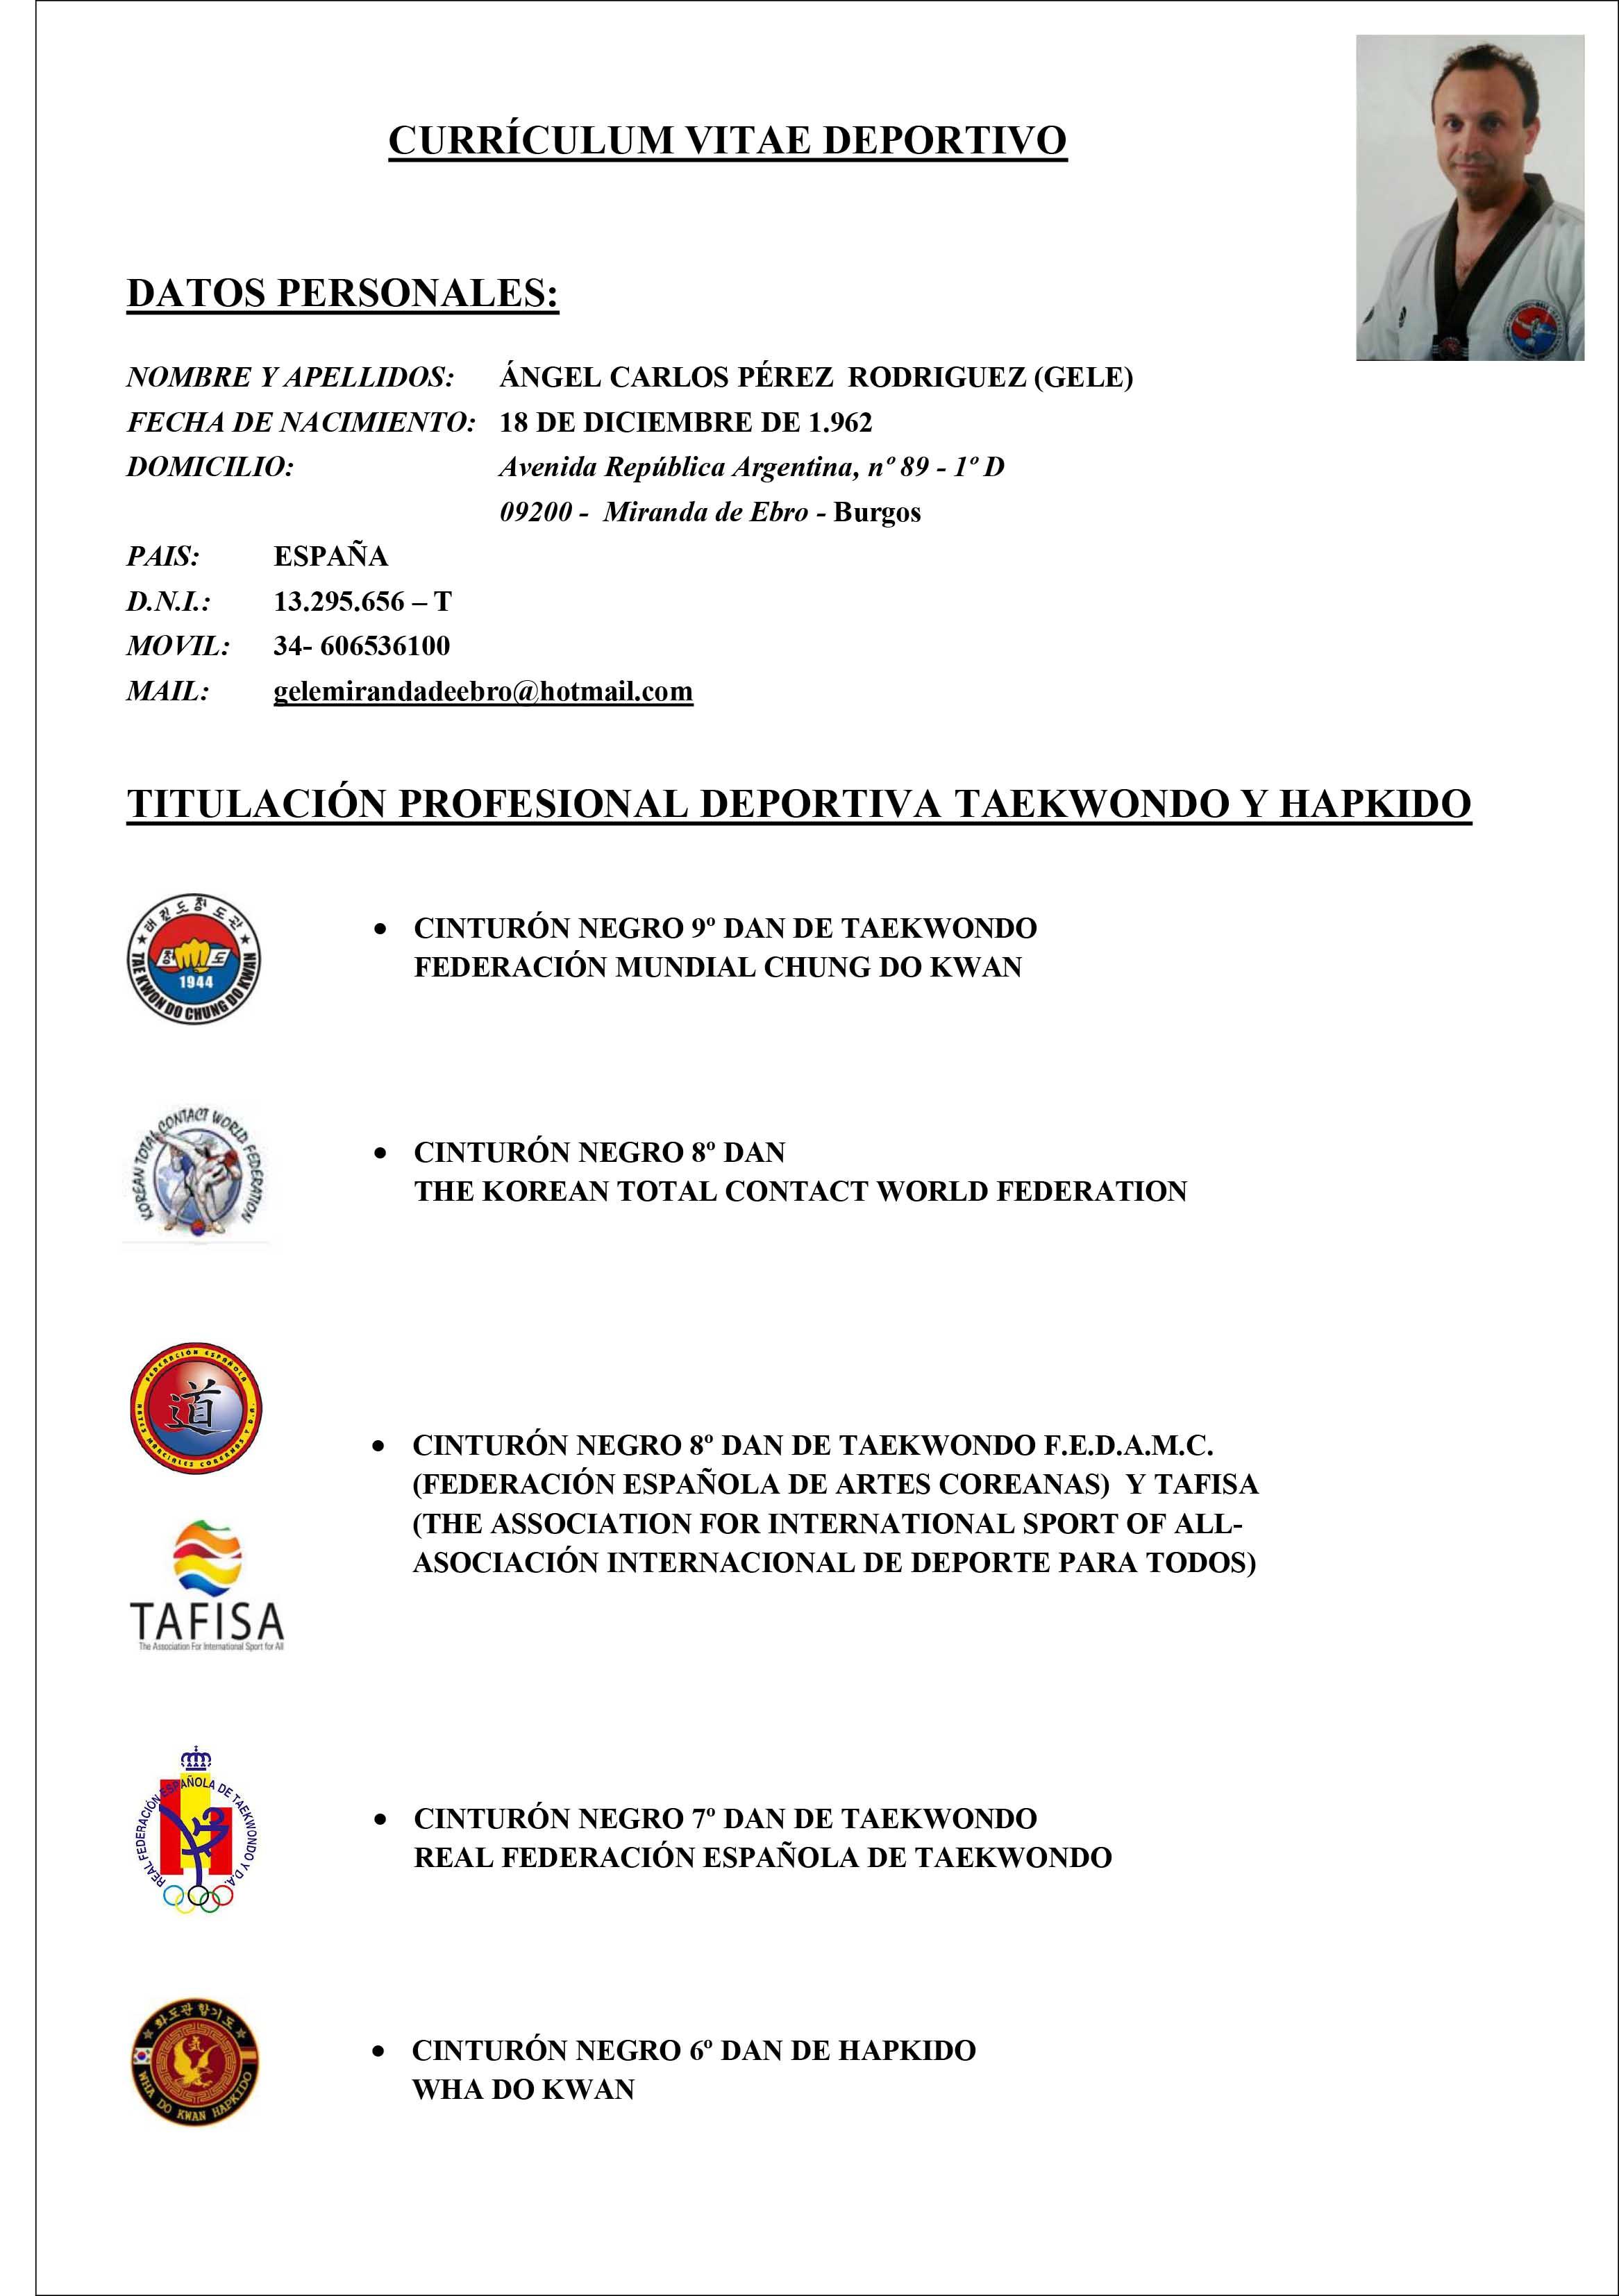 CV-GELE-e-historia-club-actualizado-a-26-07-2016-1